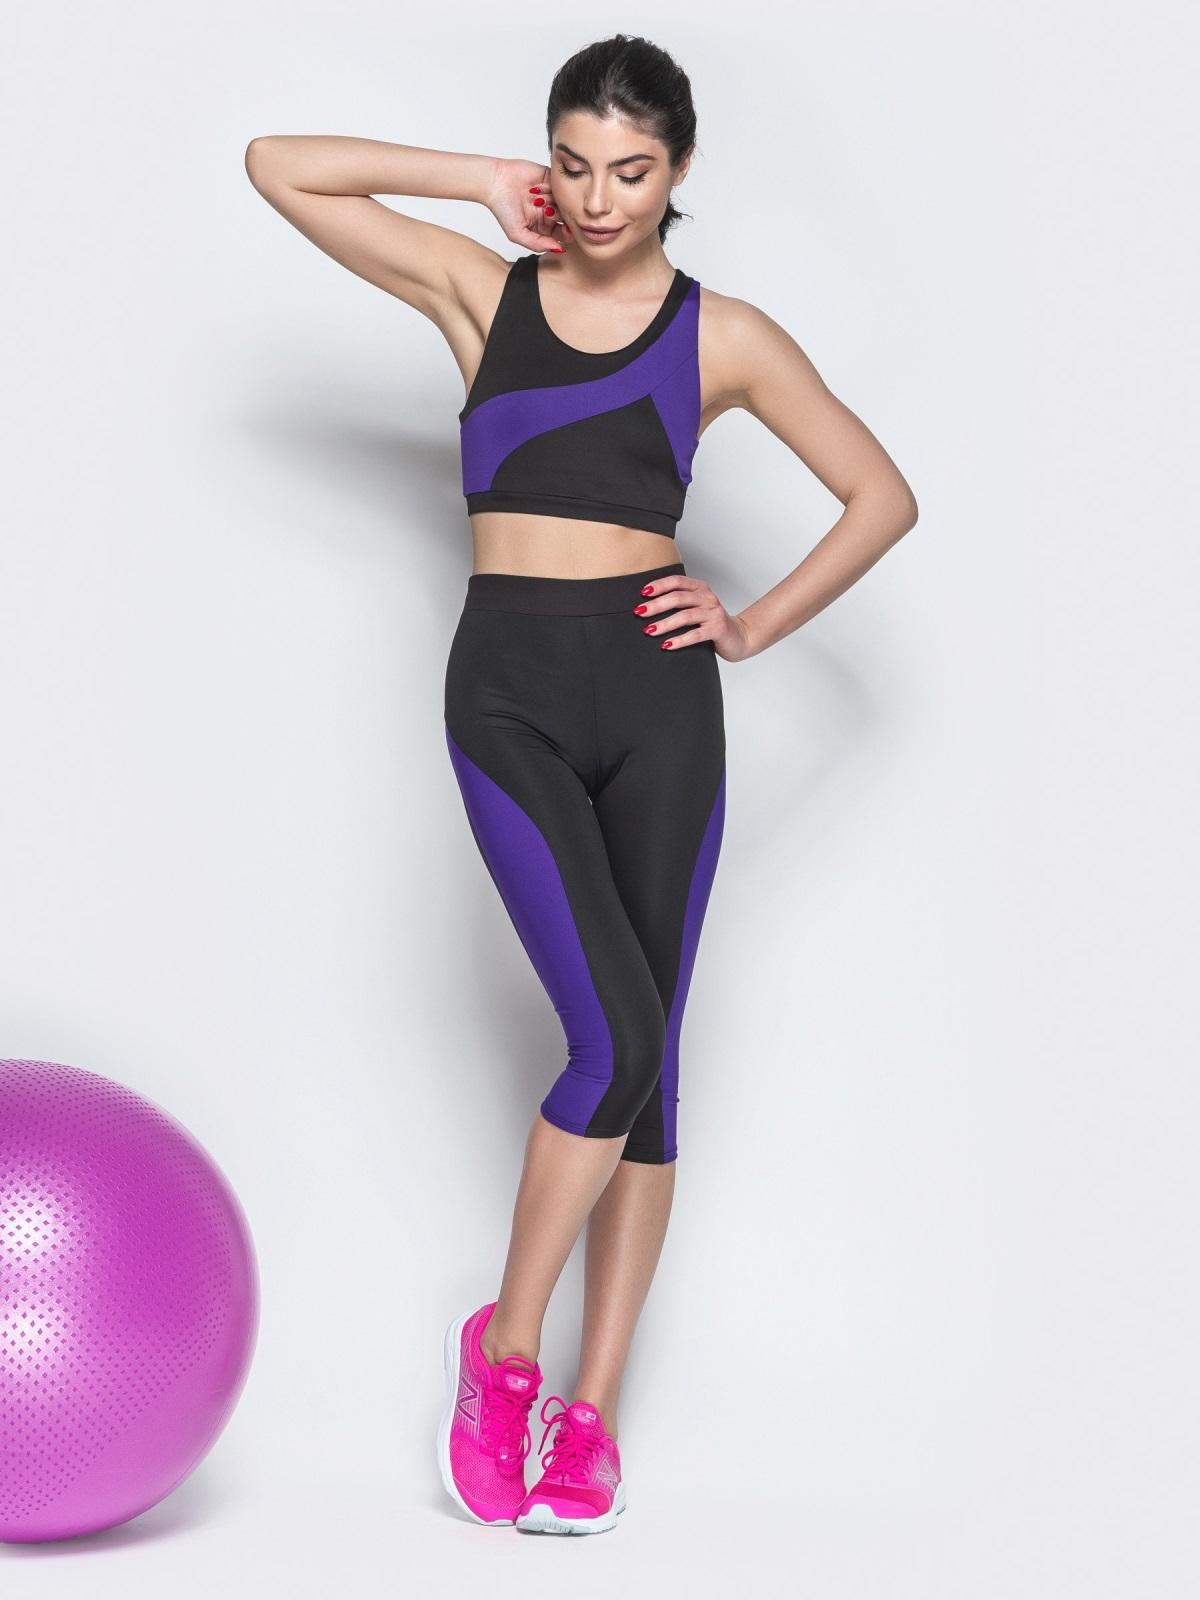 Комплект для фитнеса из топа и бридж с фиолетовыми вставками - 38781, фото 1 – интернет-магазин Dressa